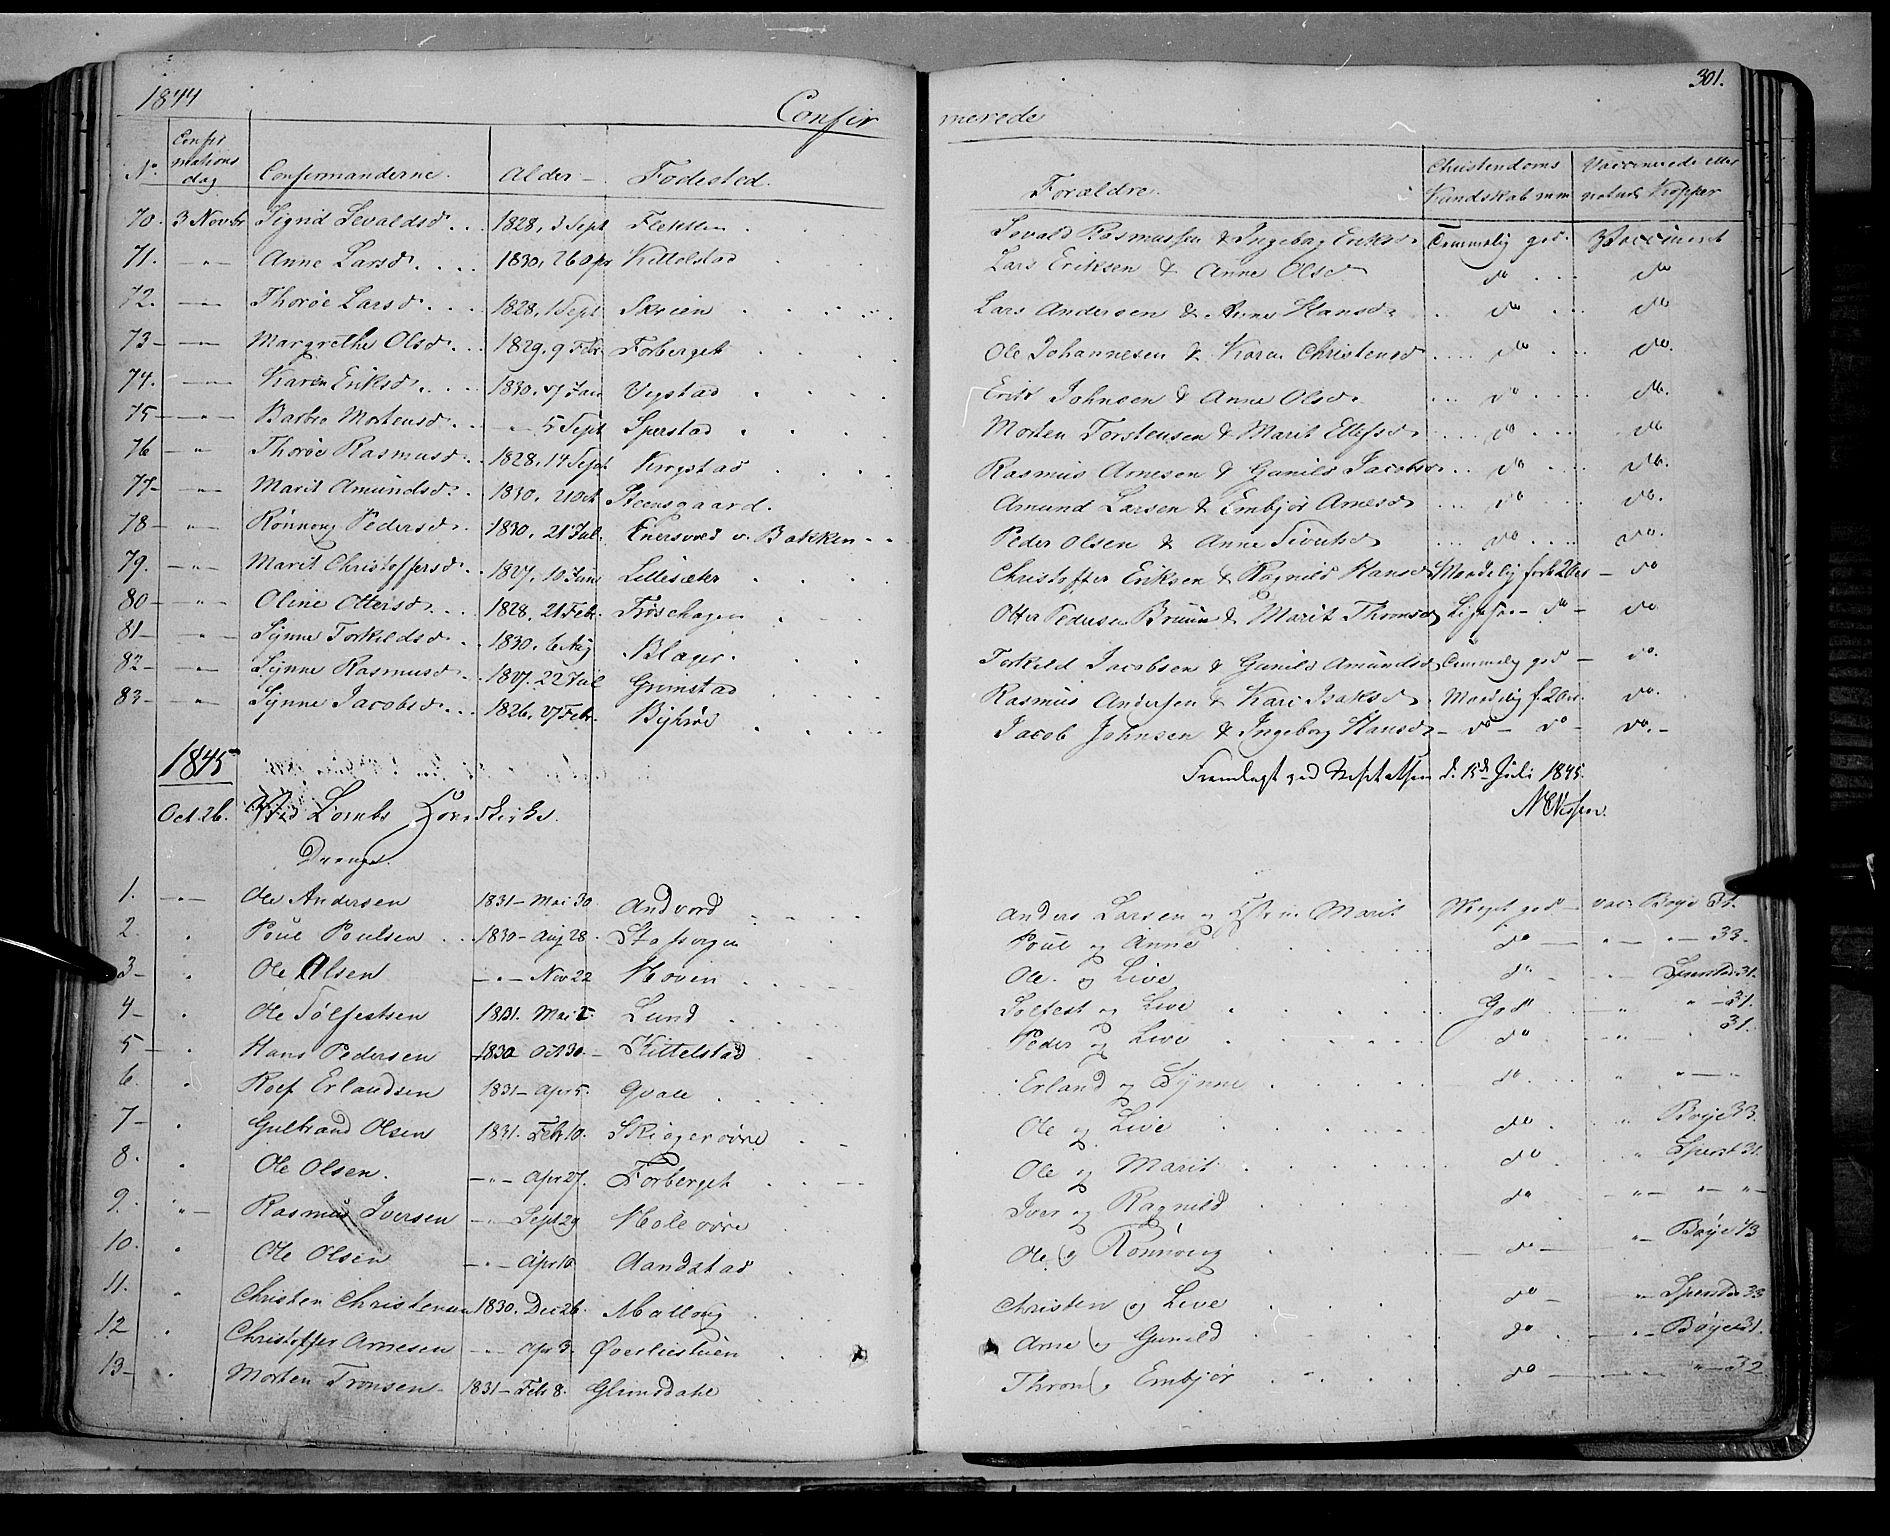 SAH, Lom prestekontor, K/L0006: Ministerialbok nr. 6A, 1837-1863, s. 301